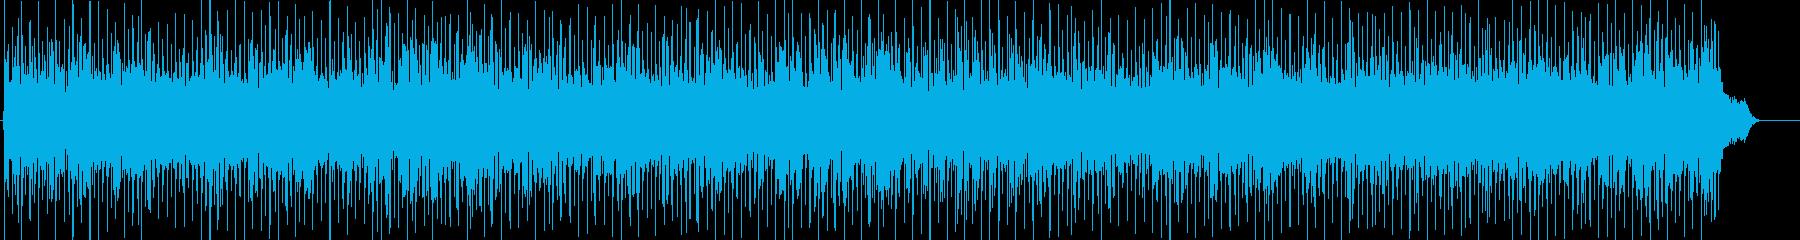 90年代J-POP 風が吹きぬける海岸の再生済みの波形